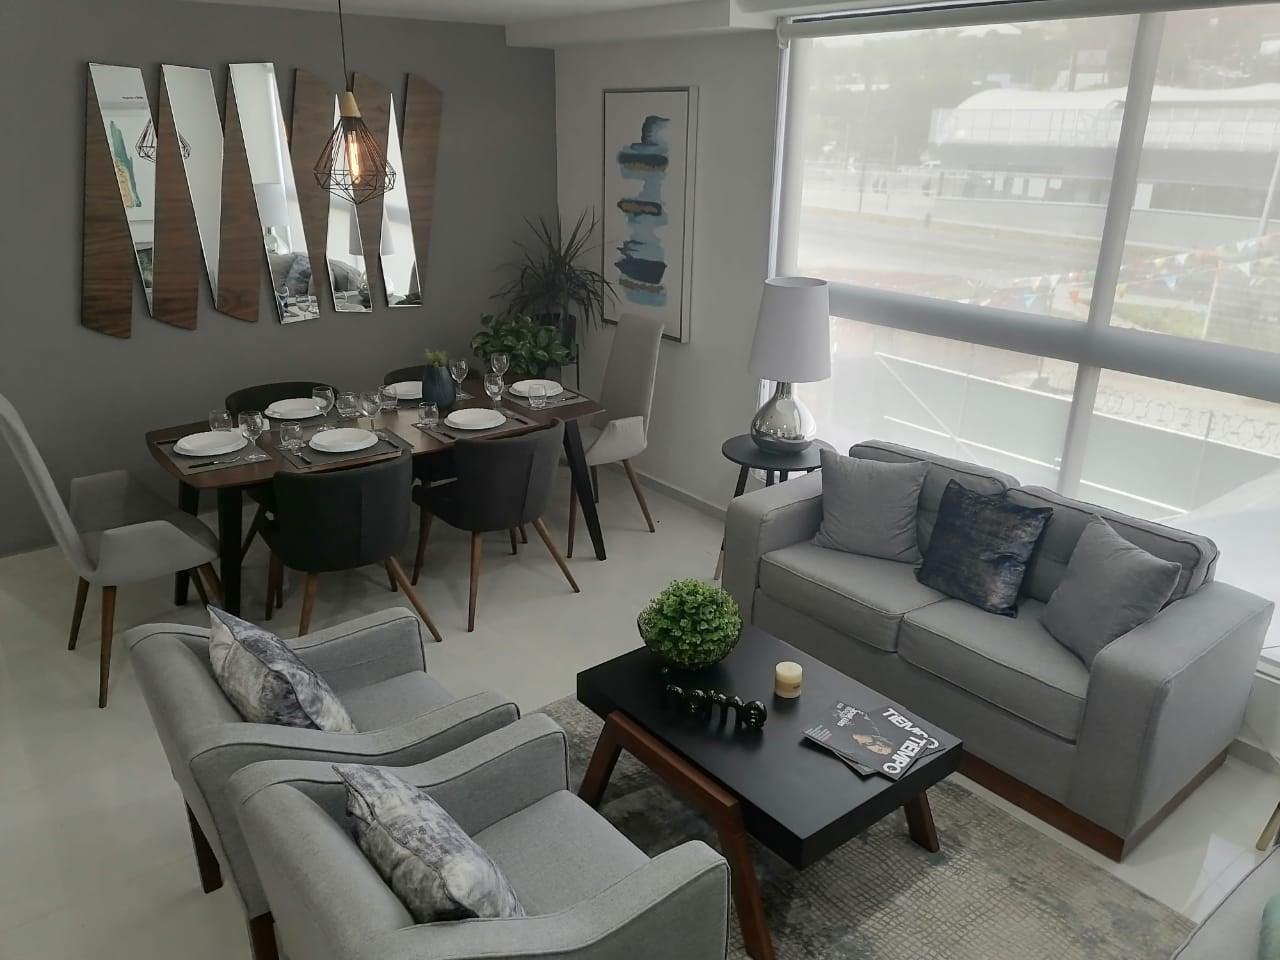 Puede ser una imagen de muebles y sala de estar